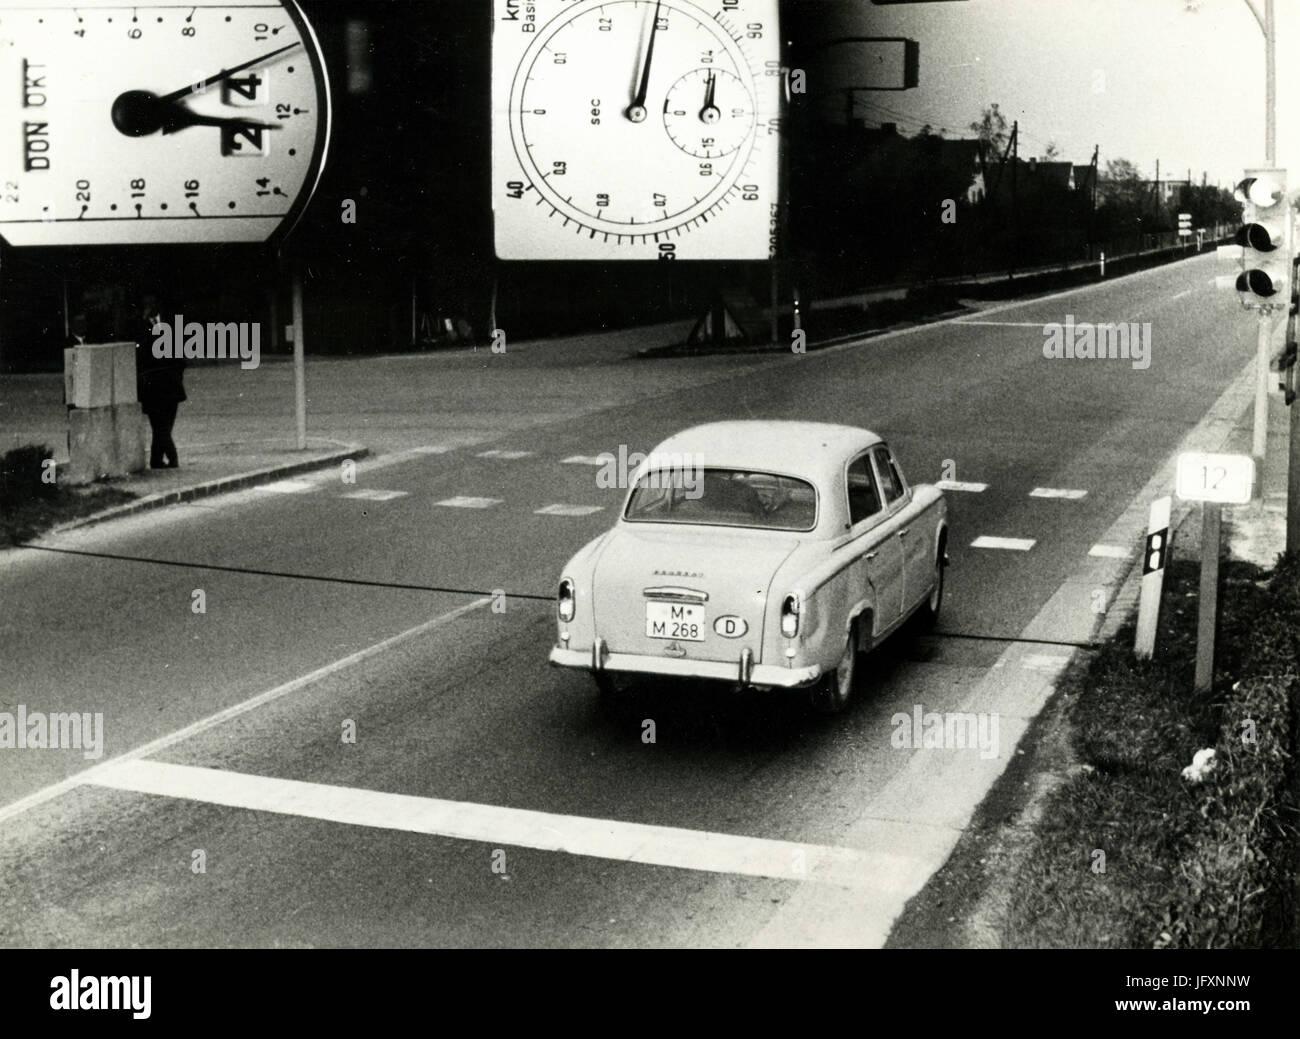 Die ersten Blitzer Ordnung in der Bundesrepublik Deutschland, 1964 Stockbild